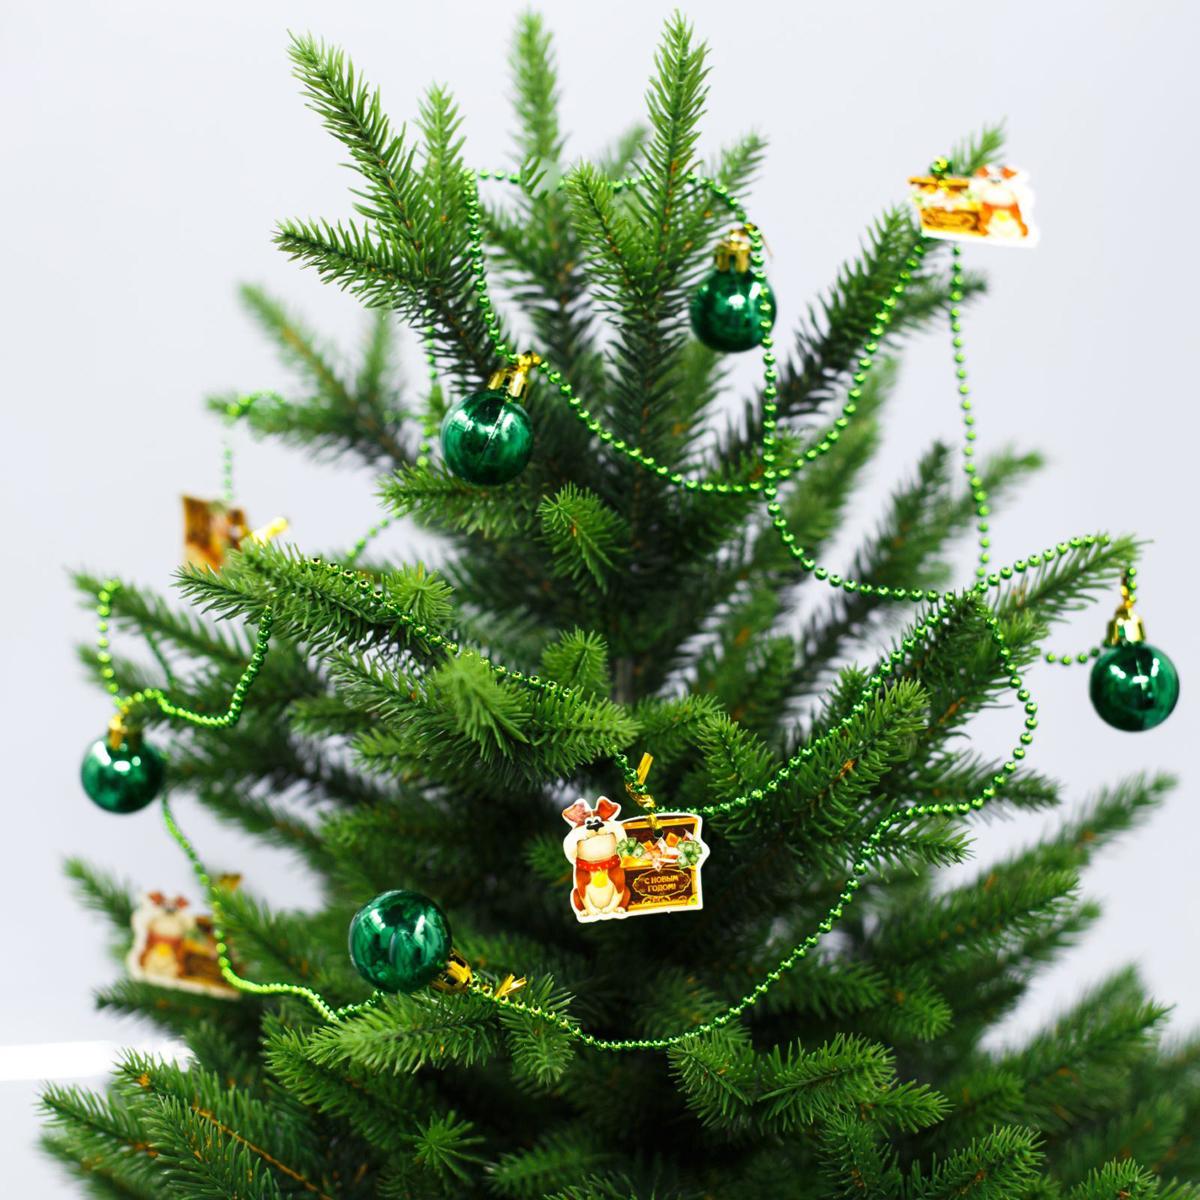 Гирлянда на елку С Новым годом, сундук, длина 2 м2301777Как приятно преображать жилище в преддверии долгожданного торжества! Декором можно не только оформить елку, но и украсить шкаф или стену.